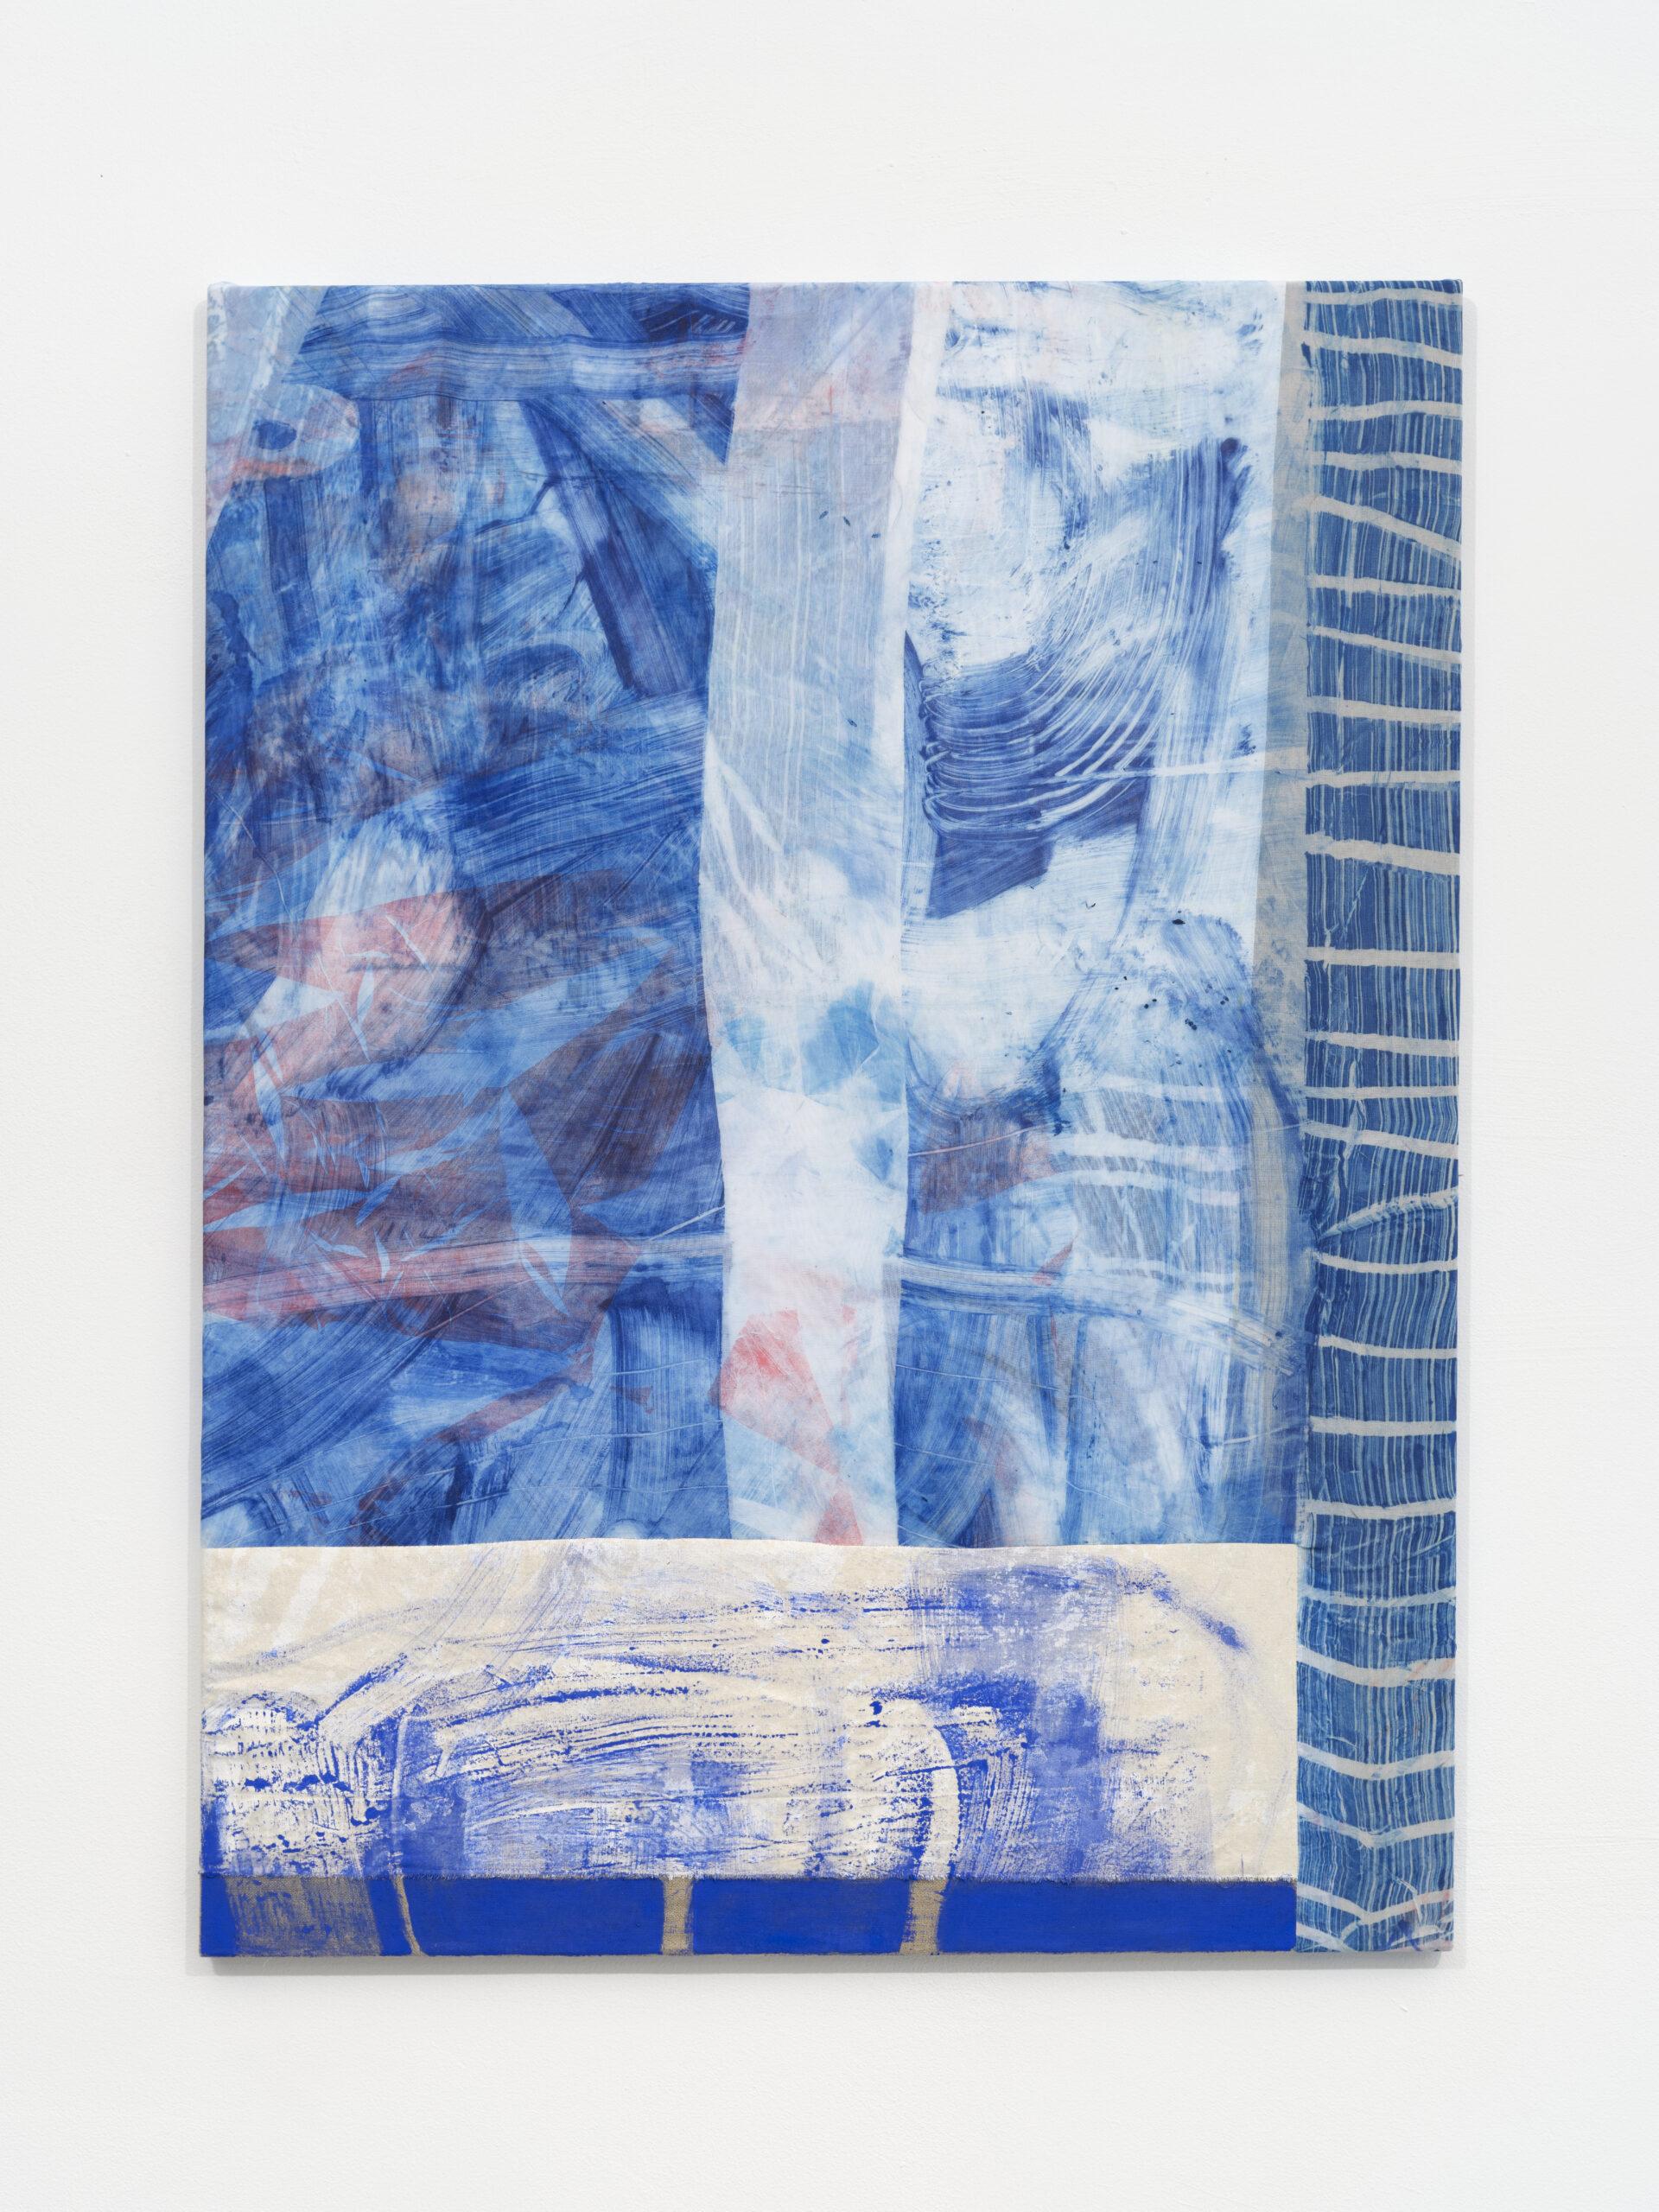 Emma_ Løkke_ Moving birches_2021_ Öl und Linolfarbe auf unterschiedlichen Stoffen_ 100 x 75 cm